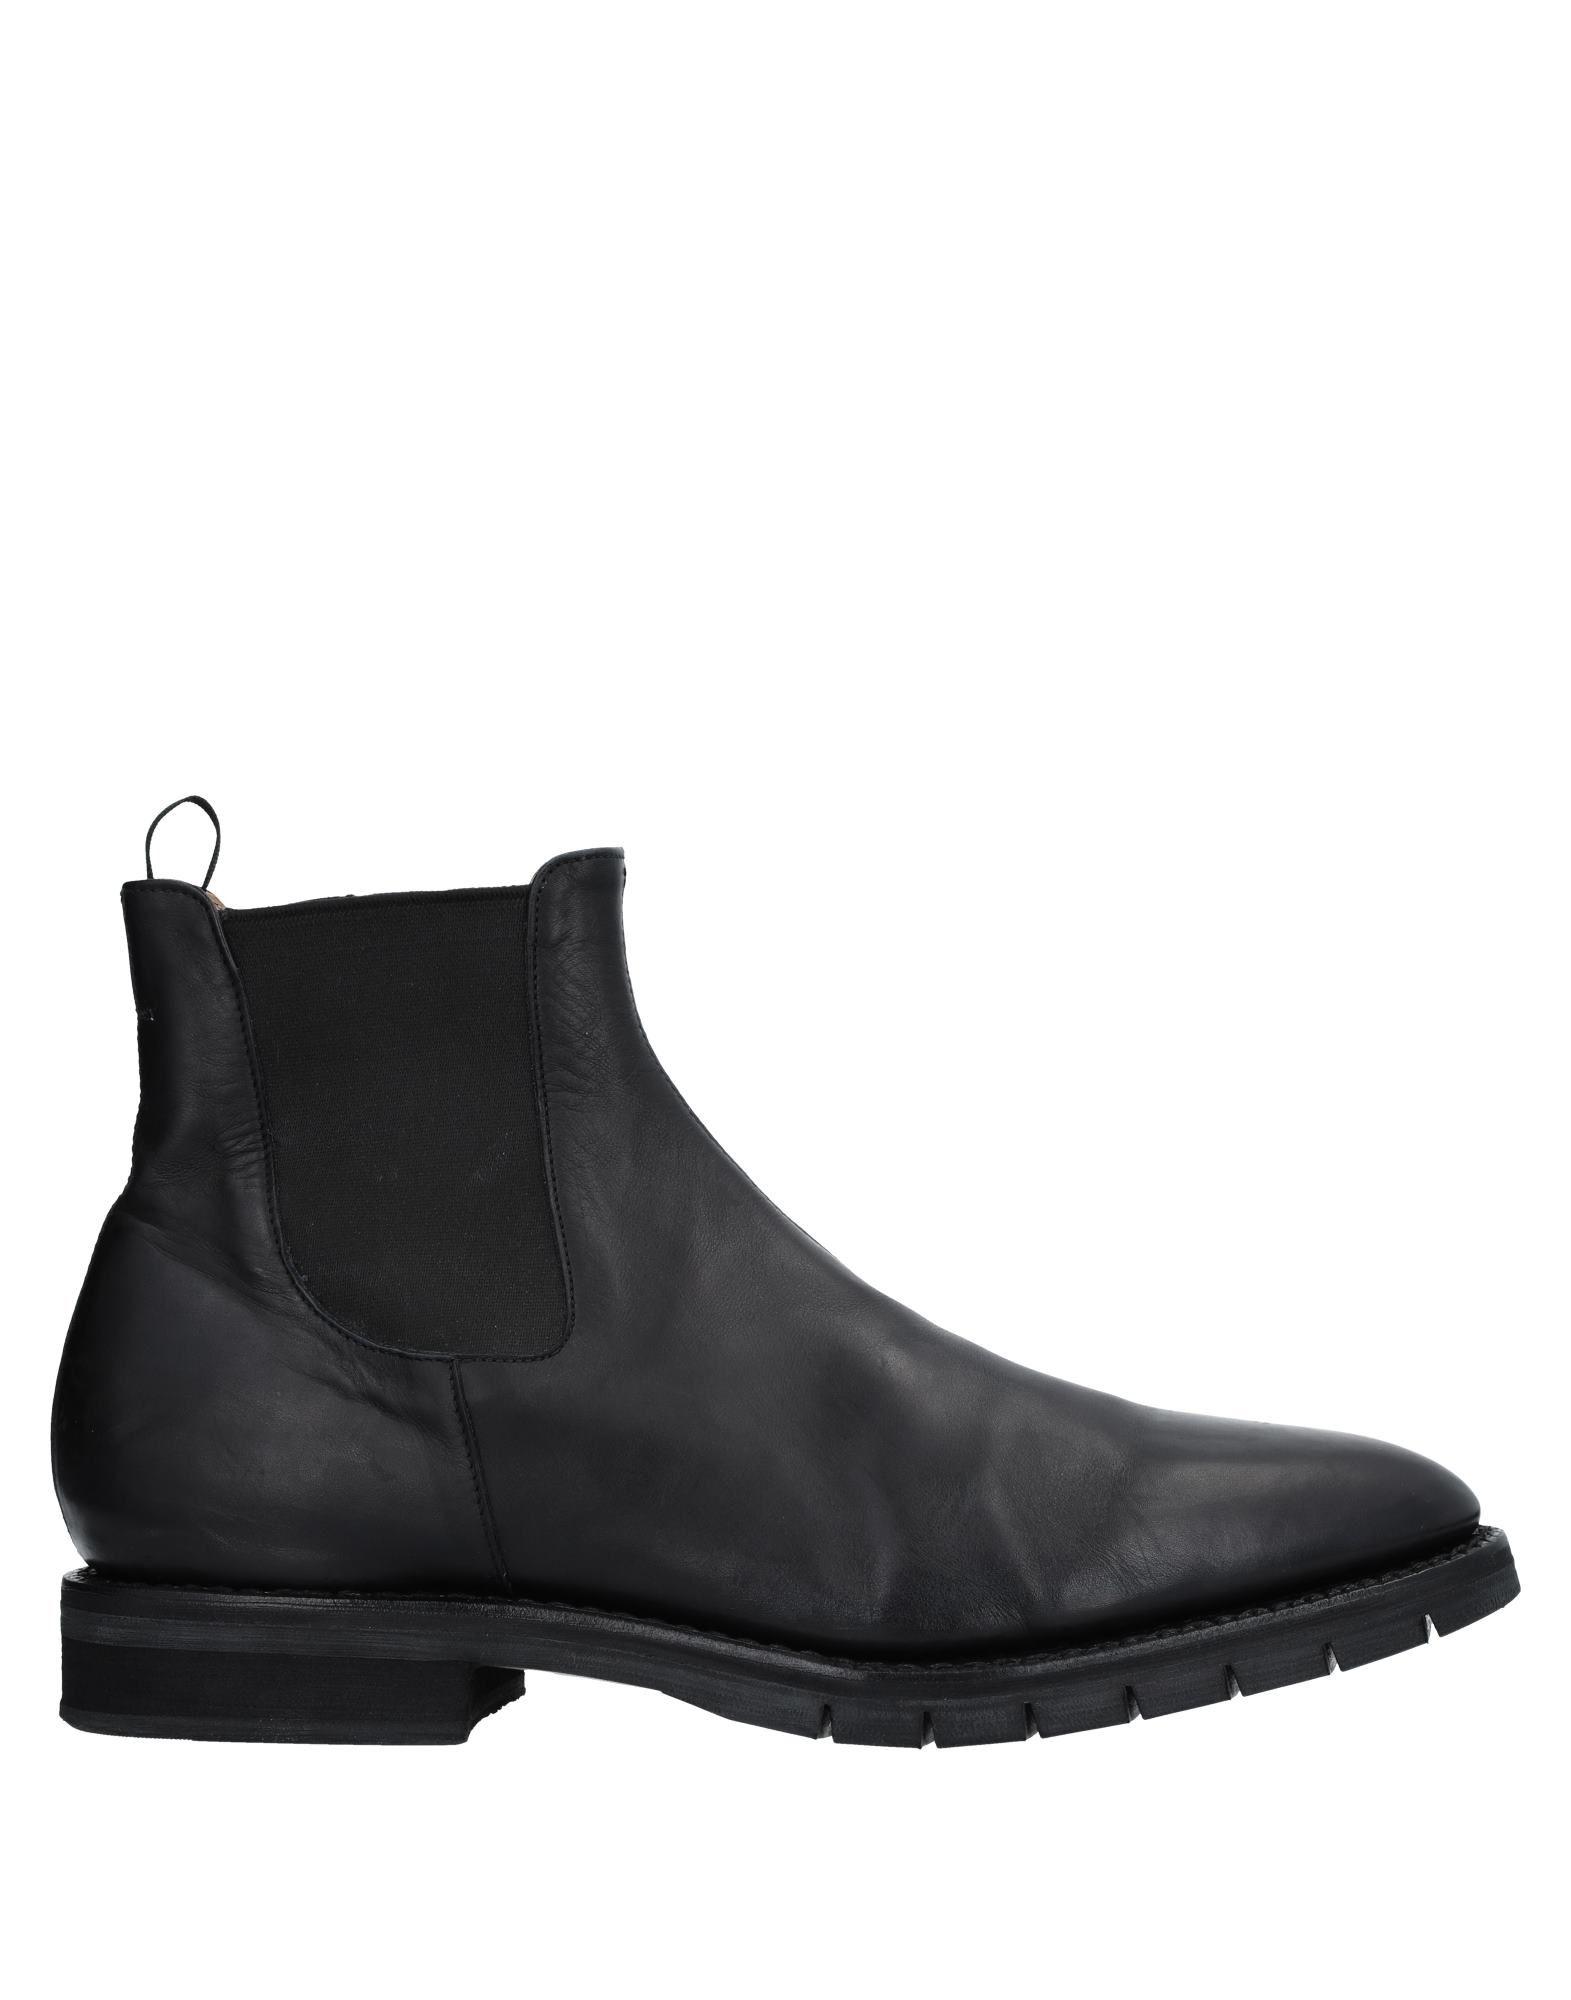 Premiata Stiefelette Herren  11529909UA Gute Qualität beliebte Schuhe